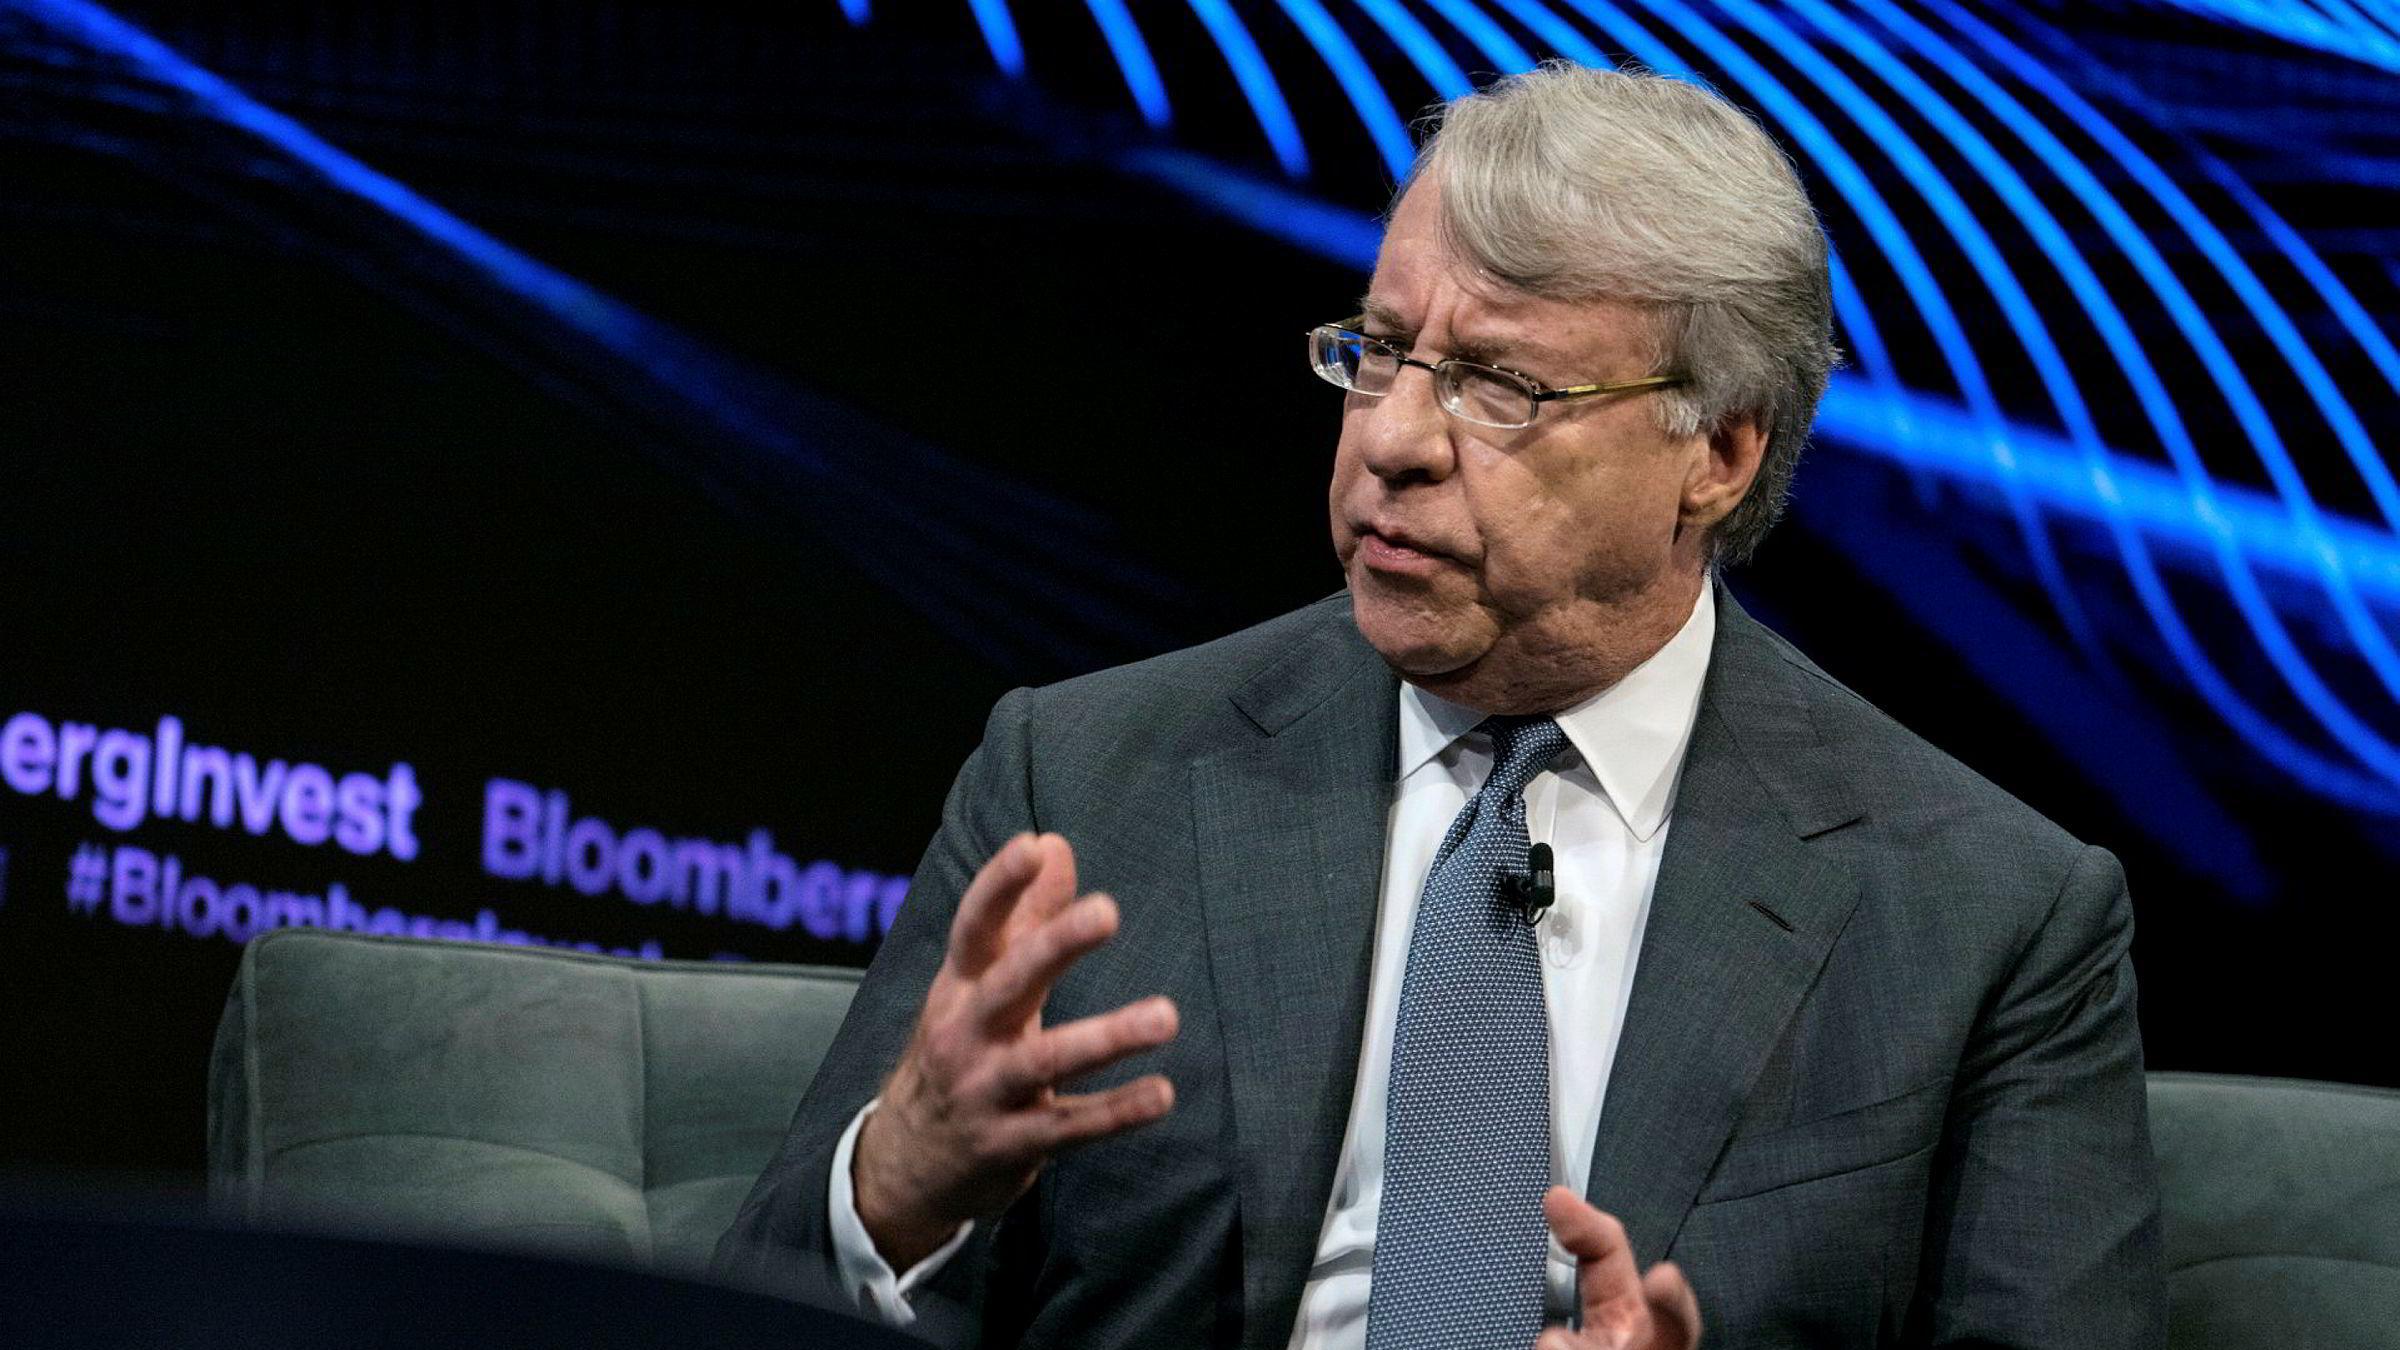 Jim Chanos er grunnlegger av Kynikos Associates, som er et av verdens største shorthedgefond, altså et hedgefond som vedder på kursfall i selskaper. Chanos er kjent for å ha truffet blink med å shorte energiselskapet Enron.